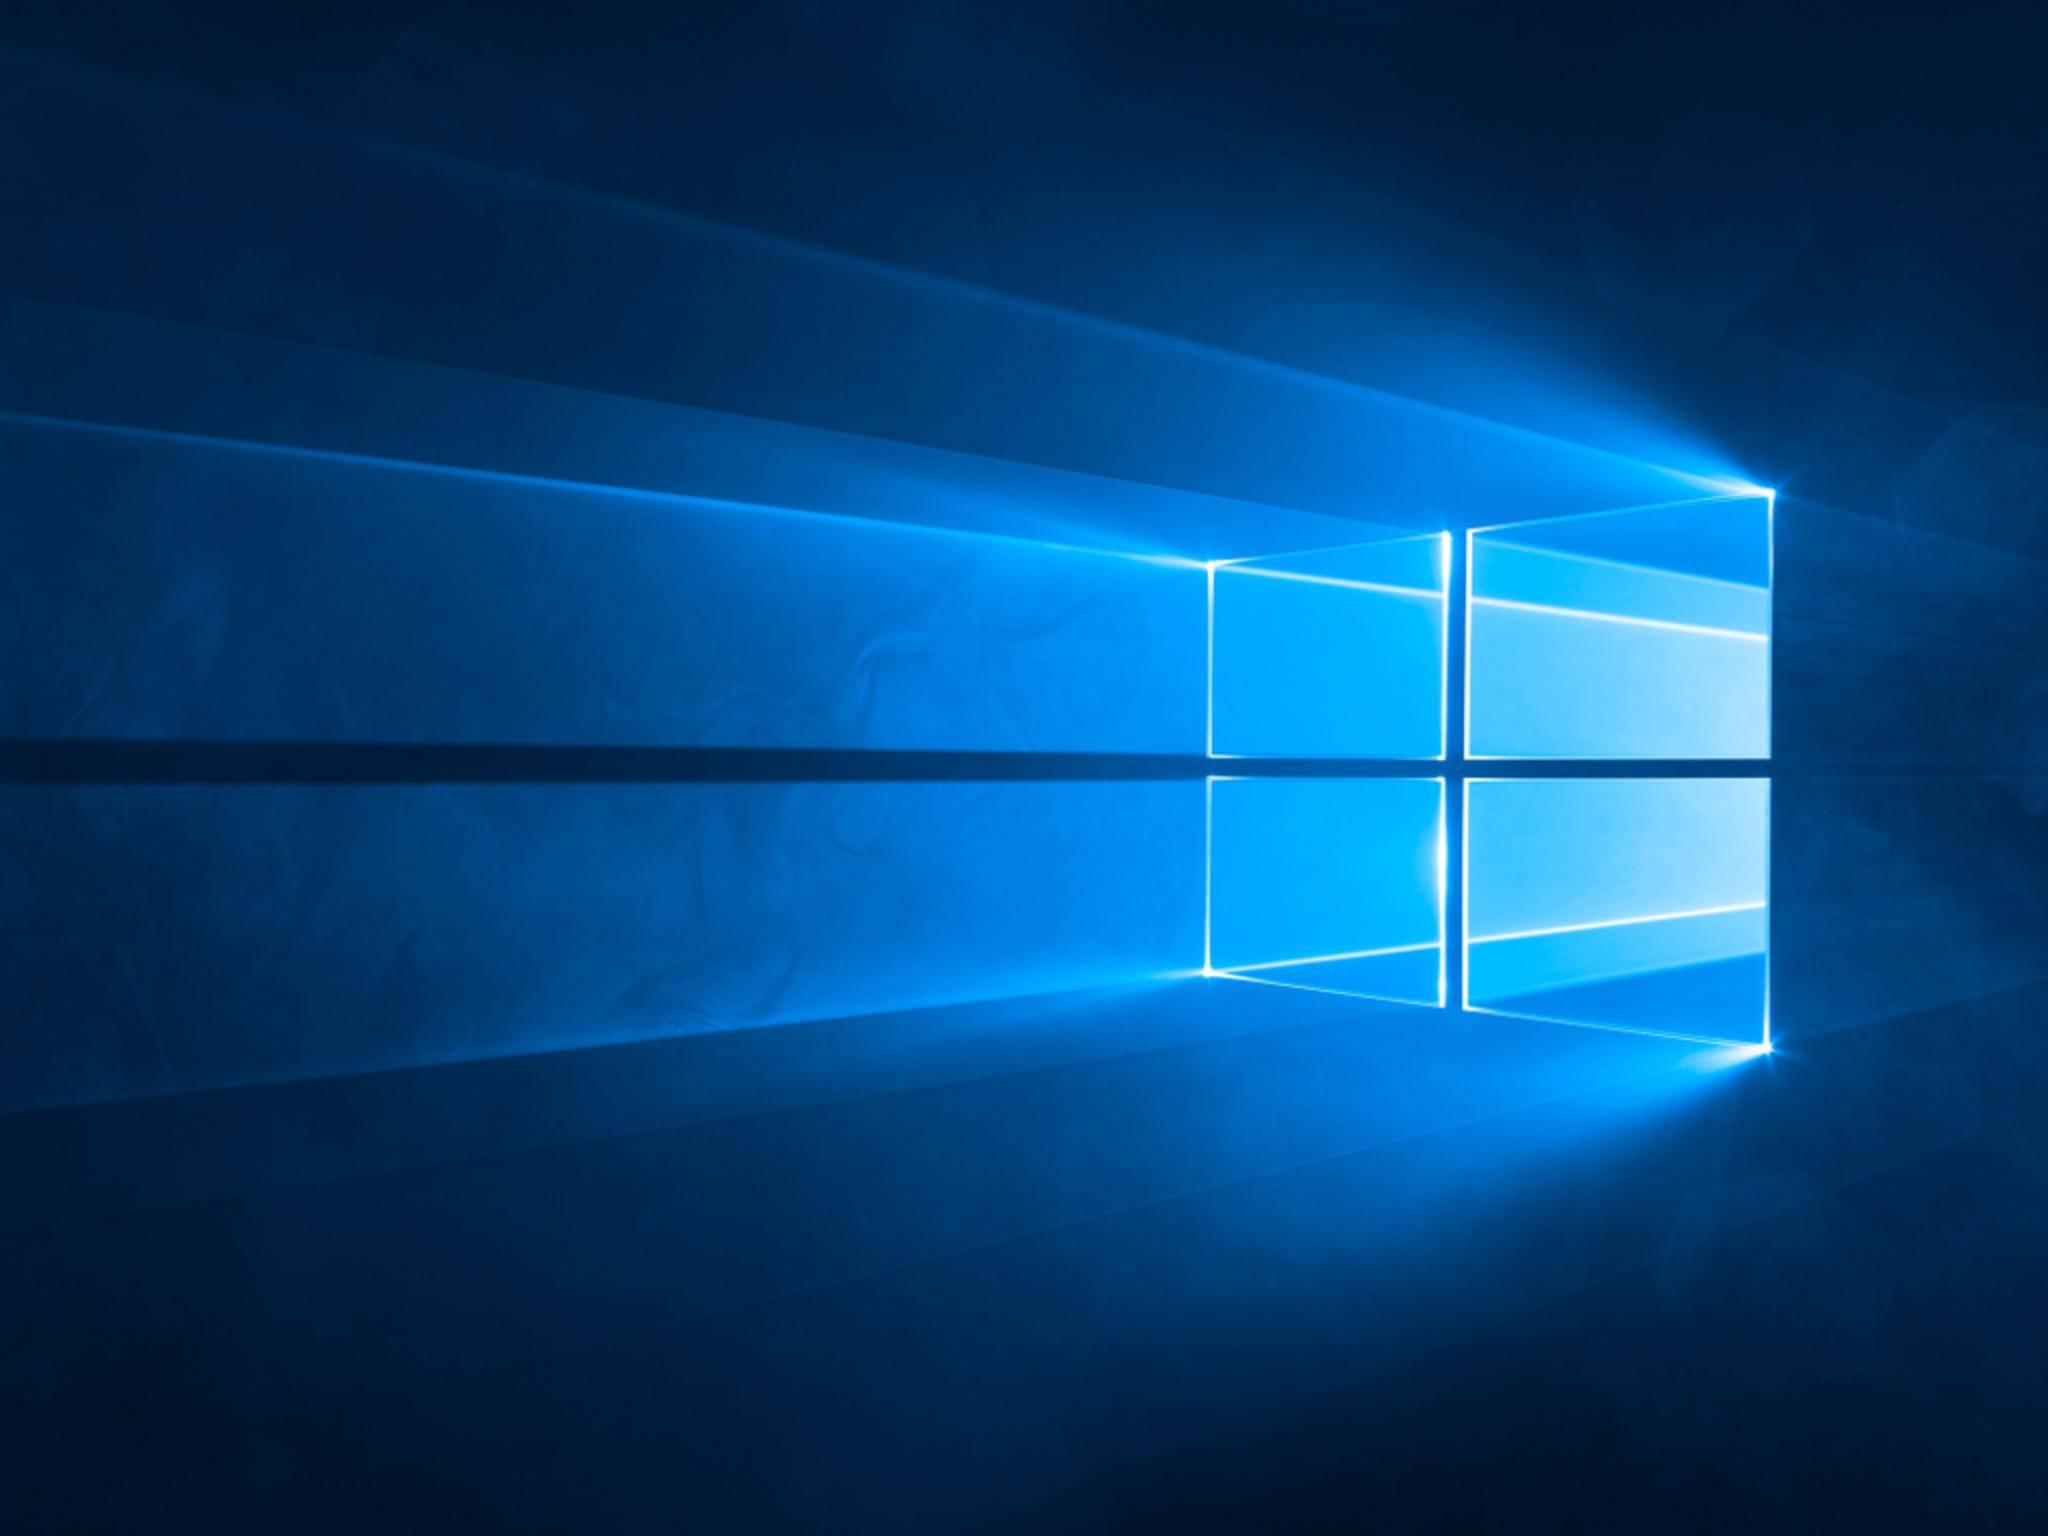 Die Gratisphase für Windows 10 geht zu Ende.